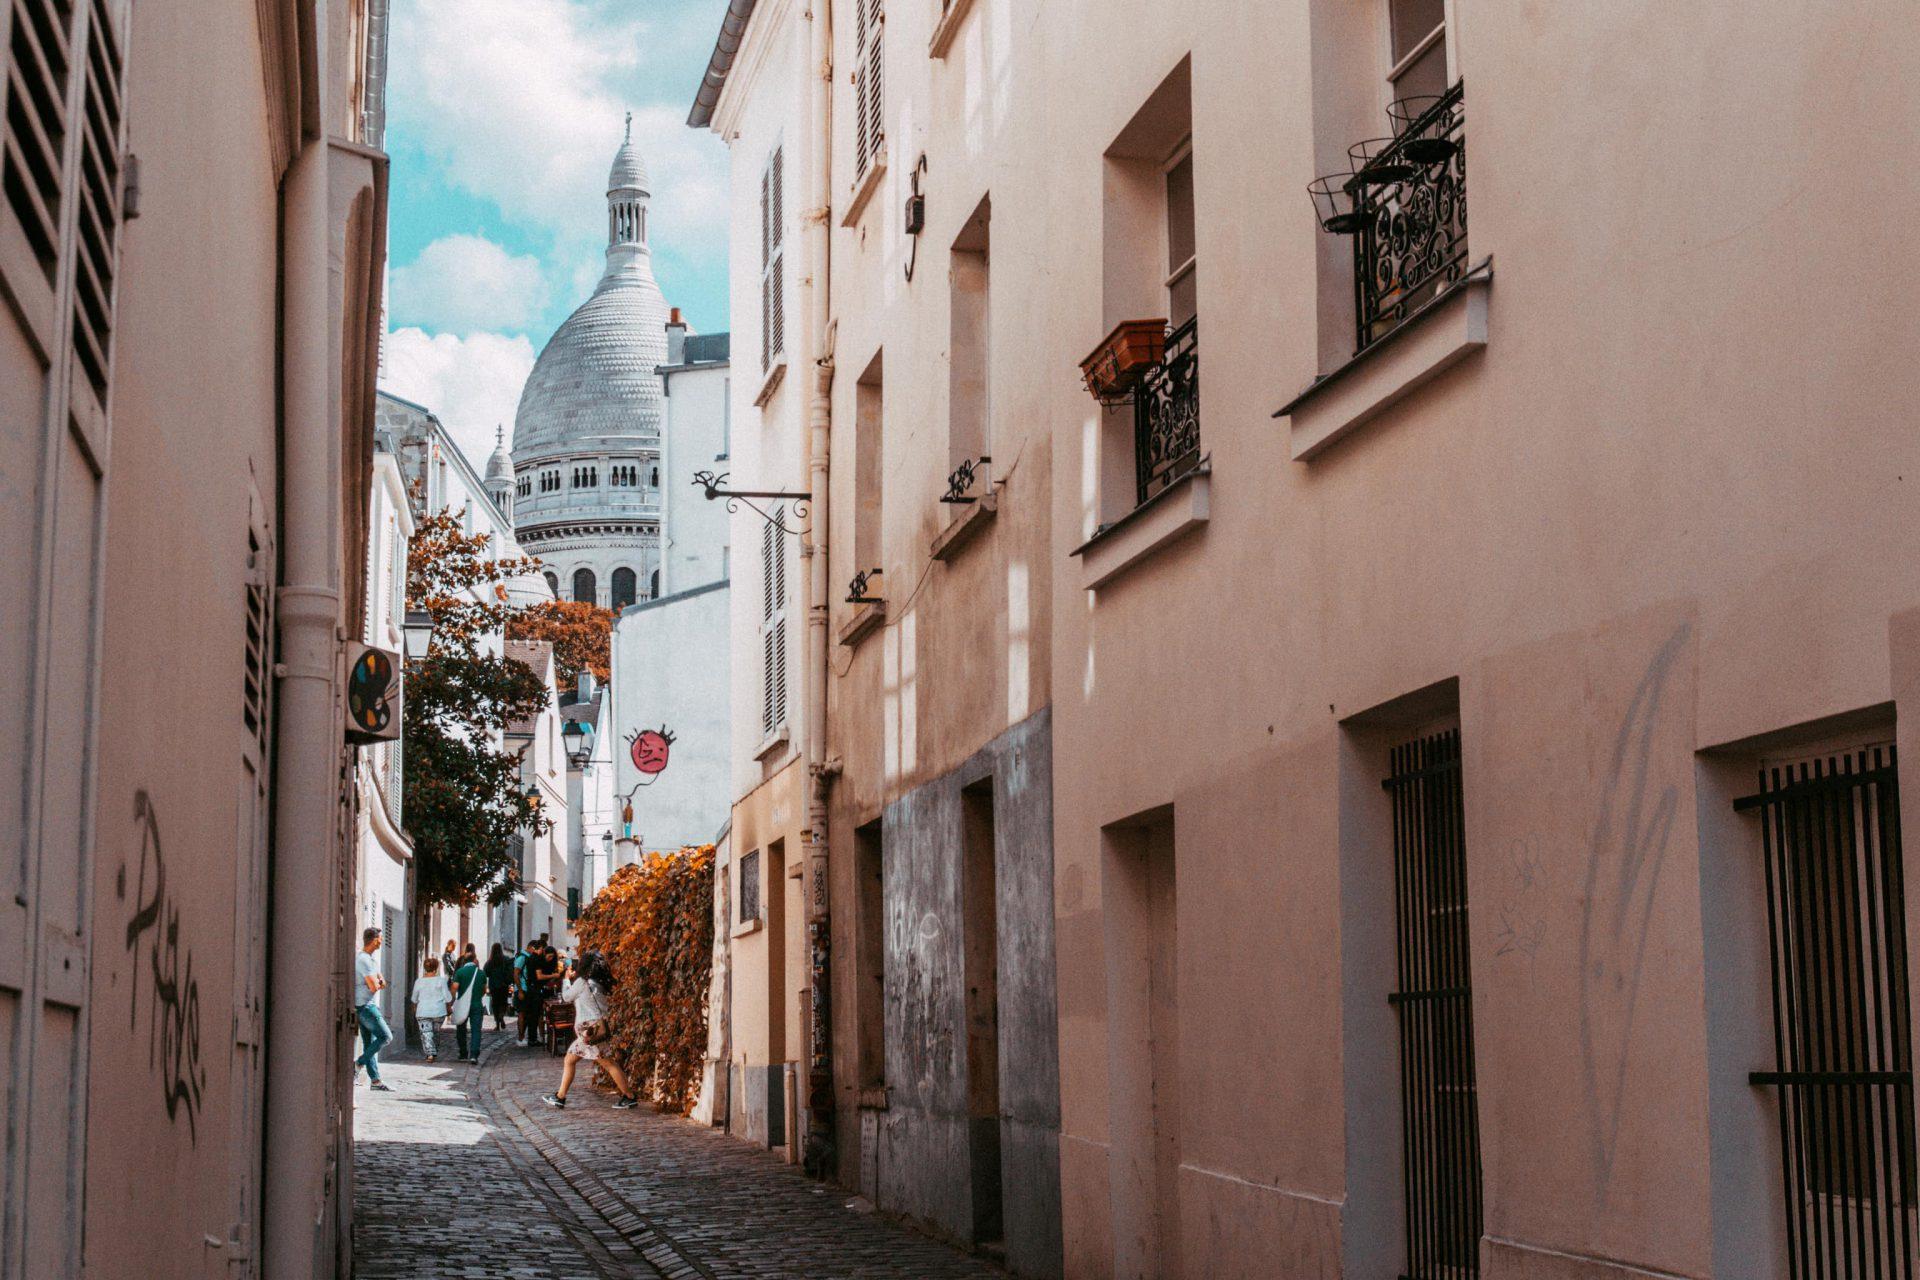 ParisMontmartre17 - Wat te doen in Parijs: 55 tips voor een leuke stedentrip (+ budget tips!)